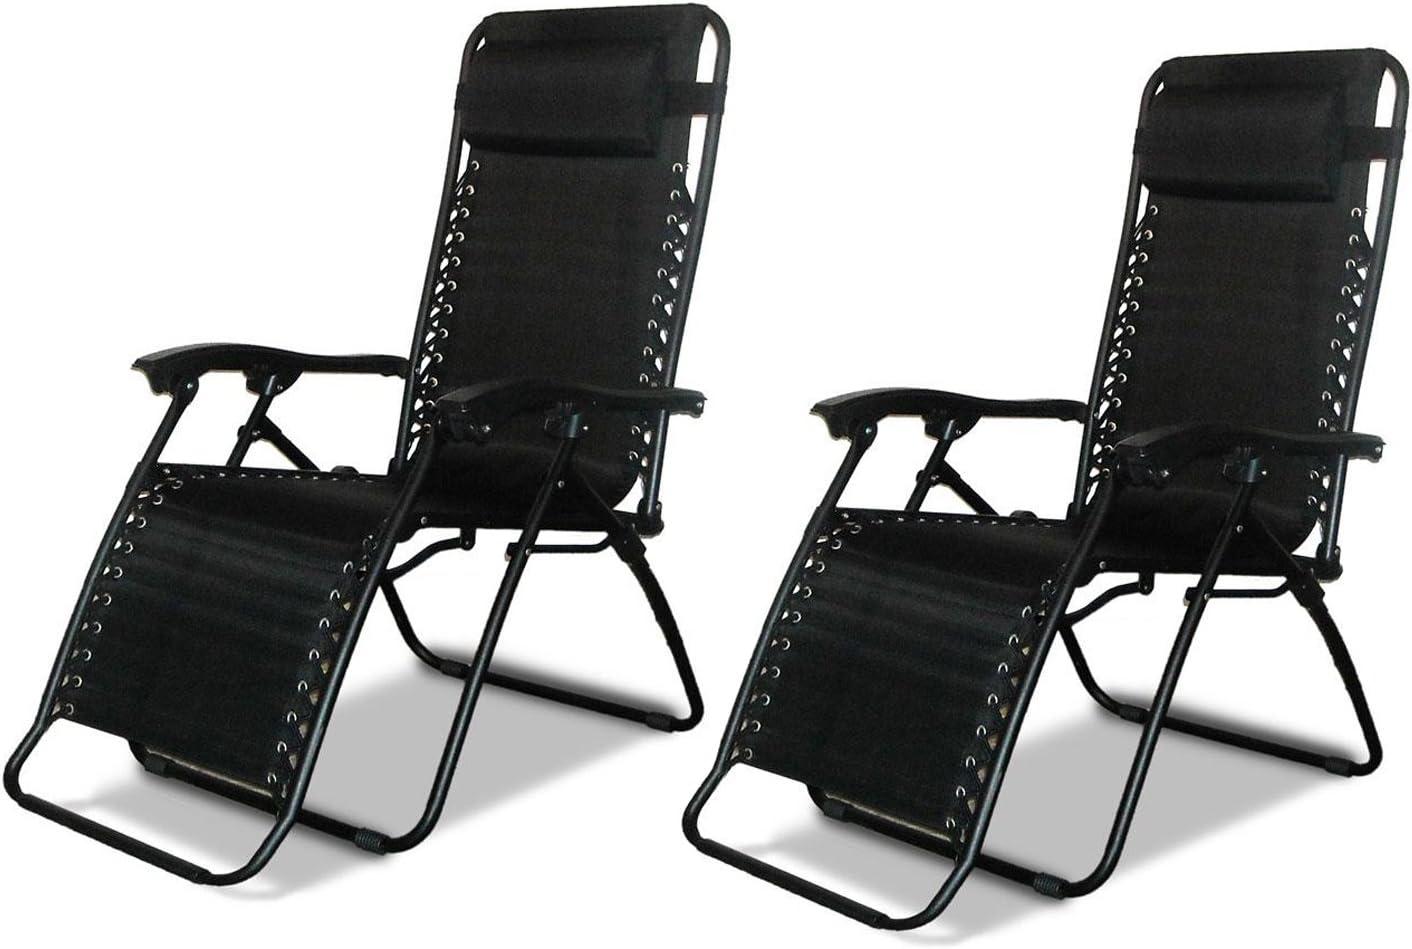 DNY 2 x Textoline Reclining Garden Chair